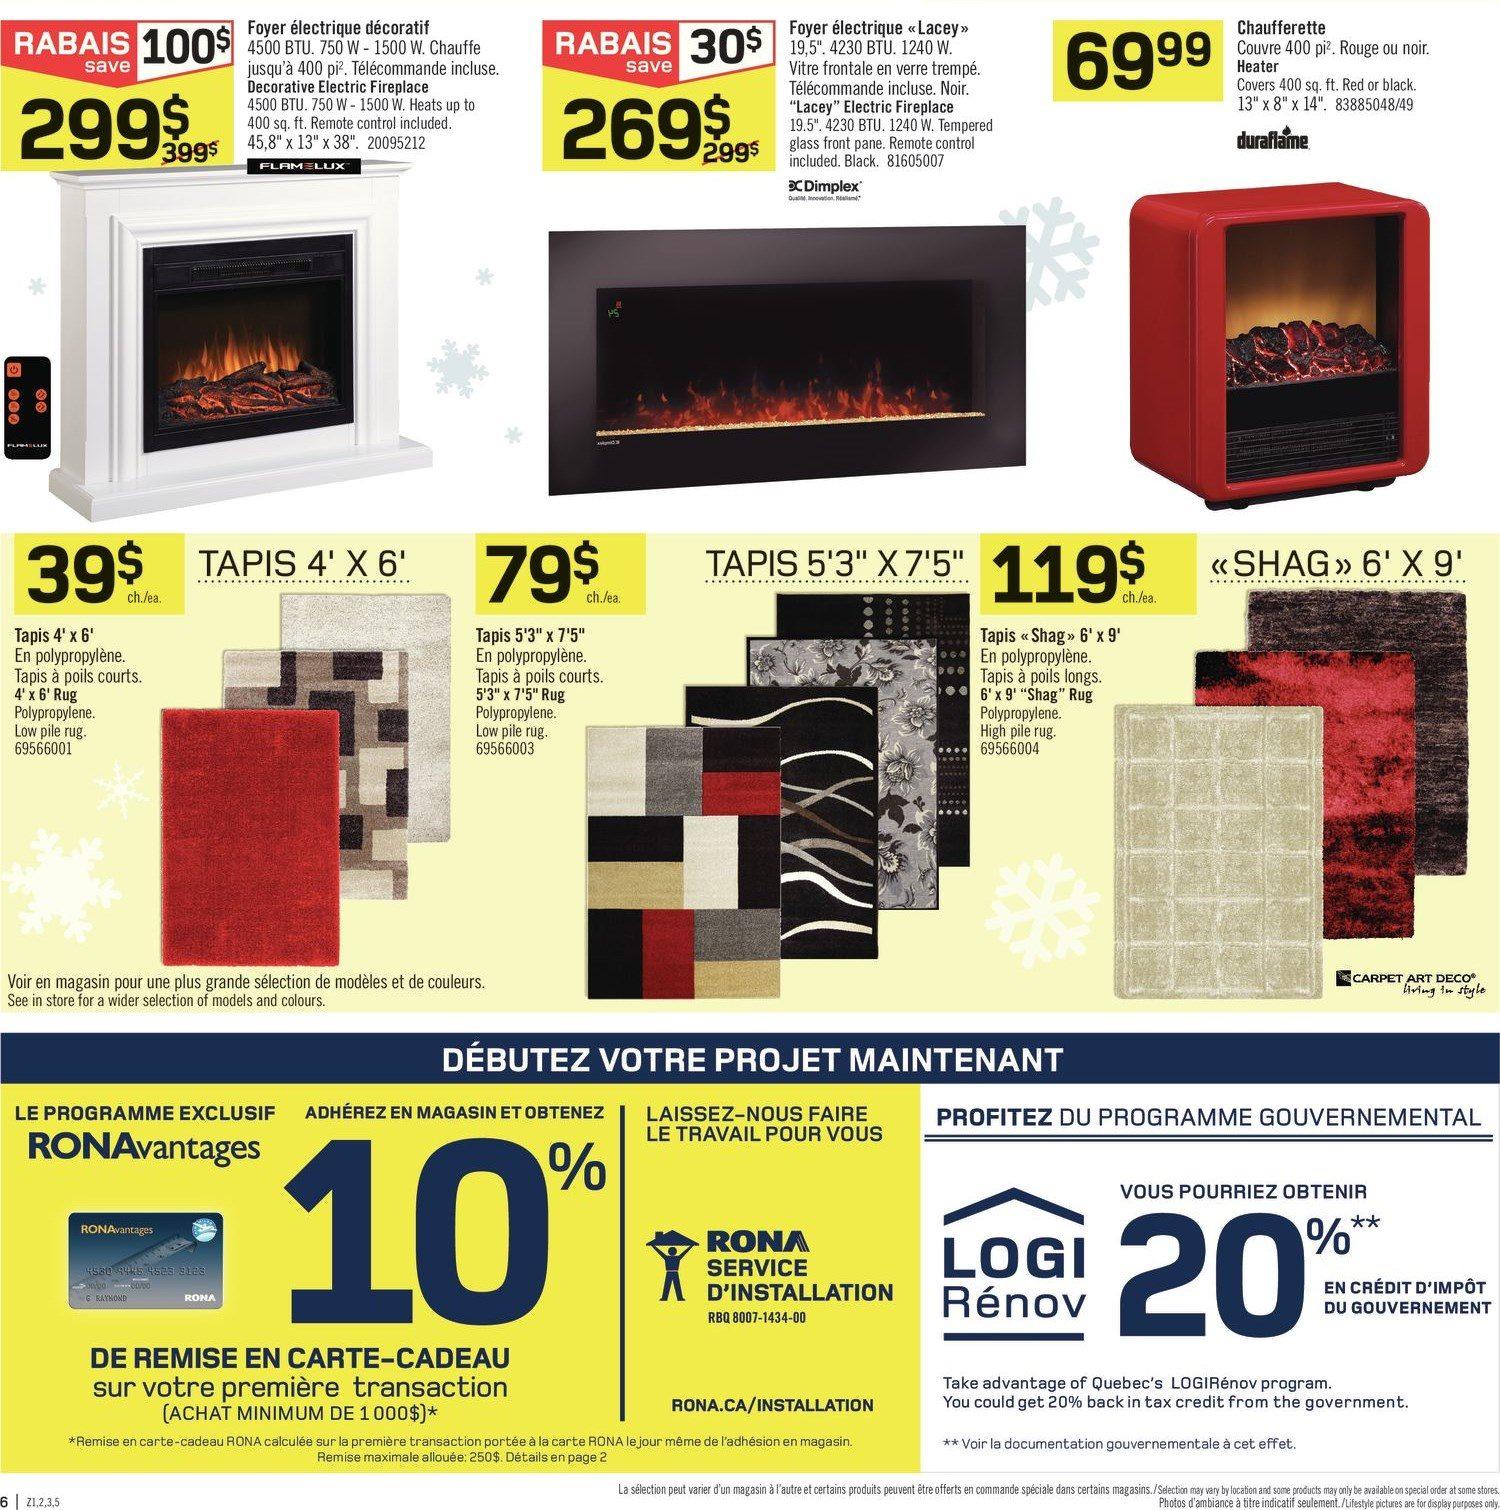 Carte Rona Accord D.Rona Weekly Flyer Super Week End De 4 Jours L Entrepot Nov 27